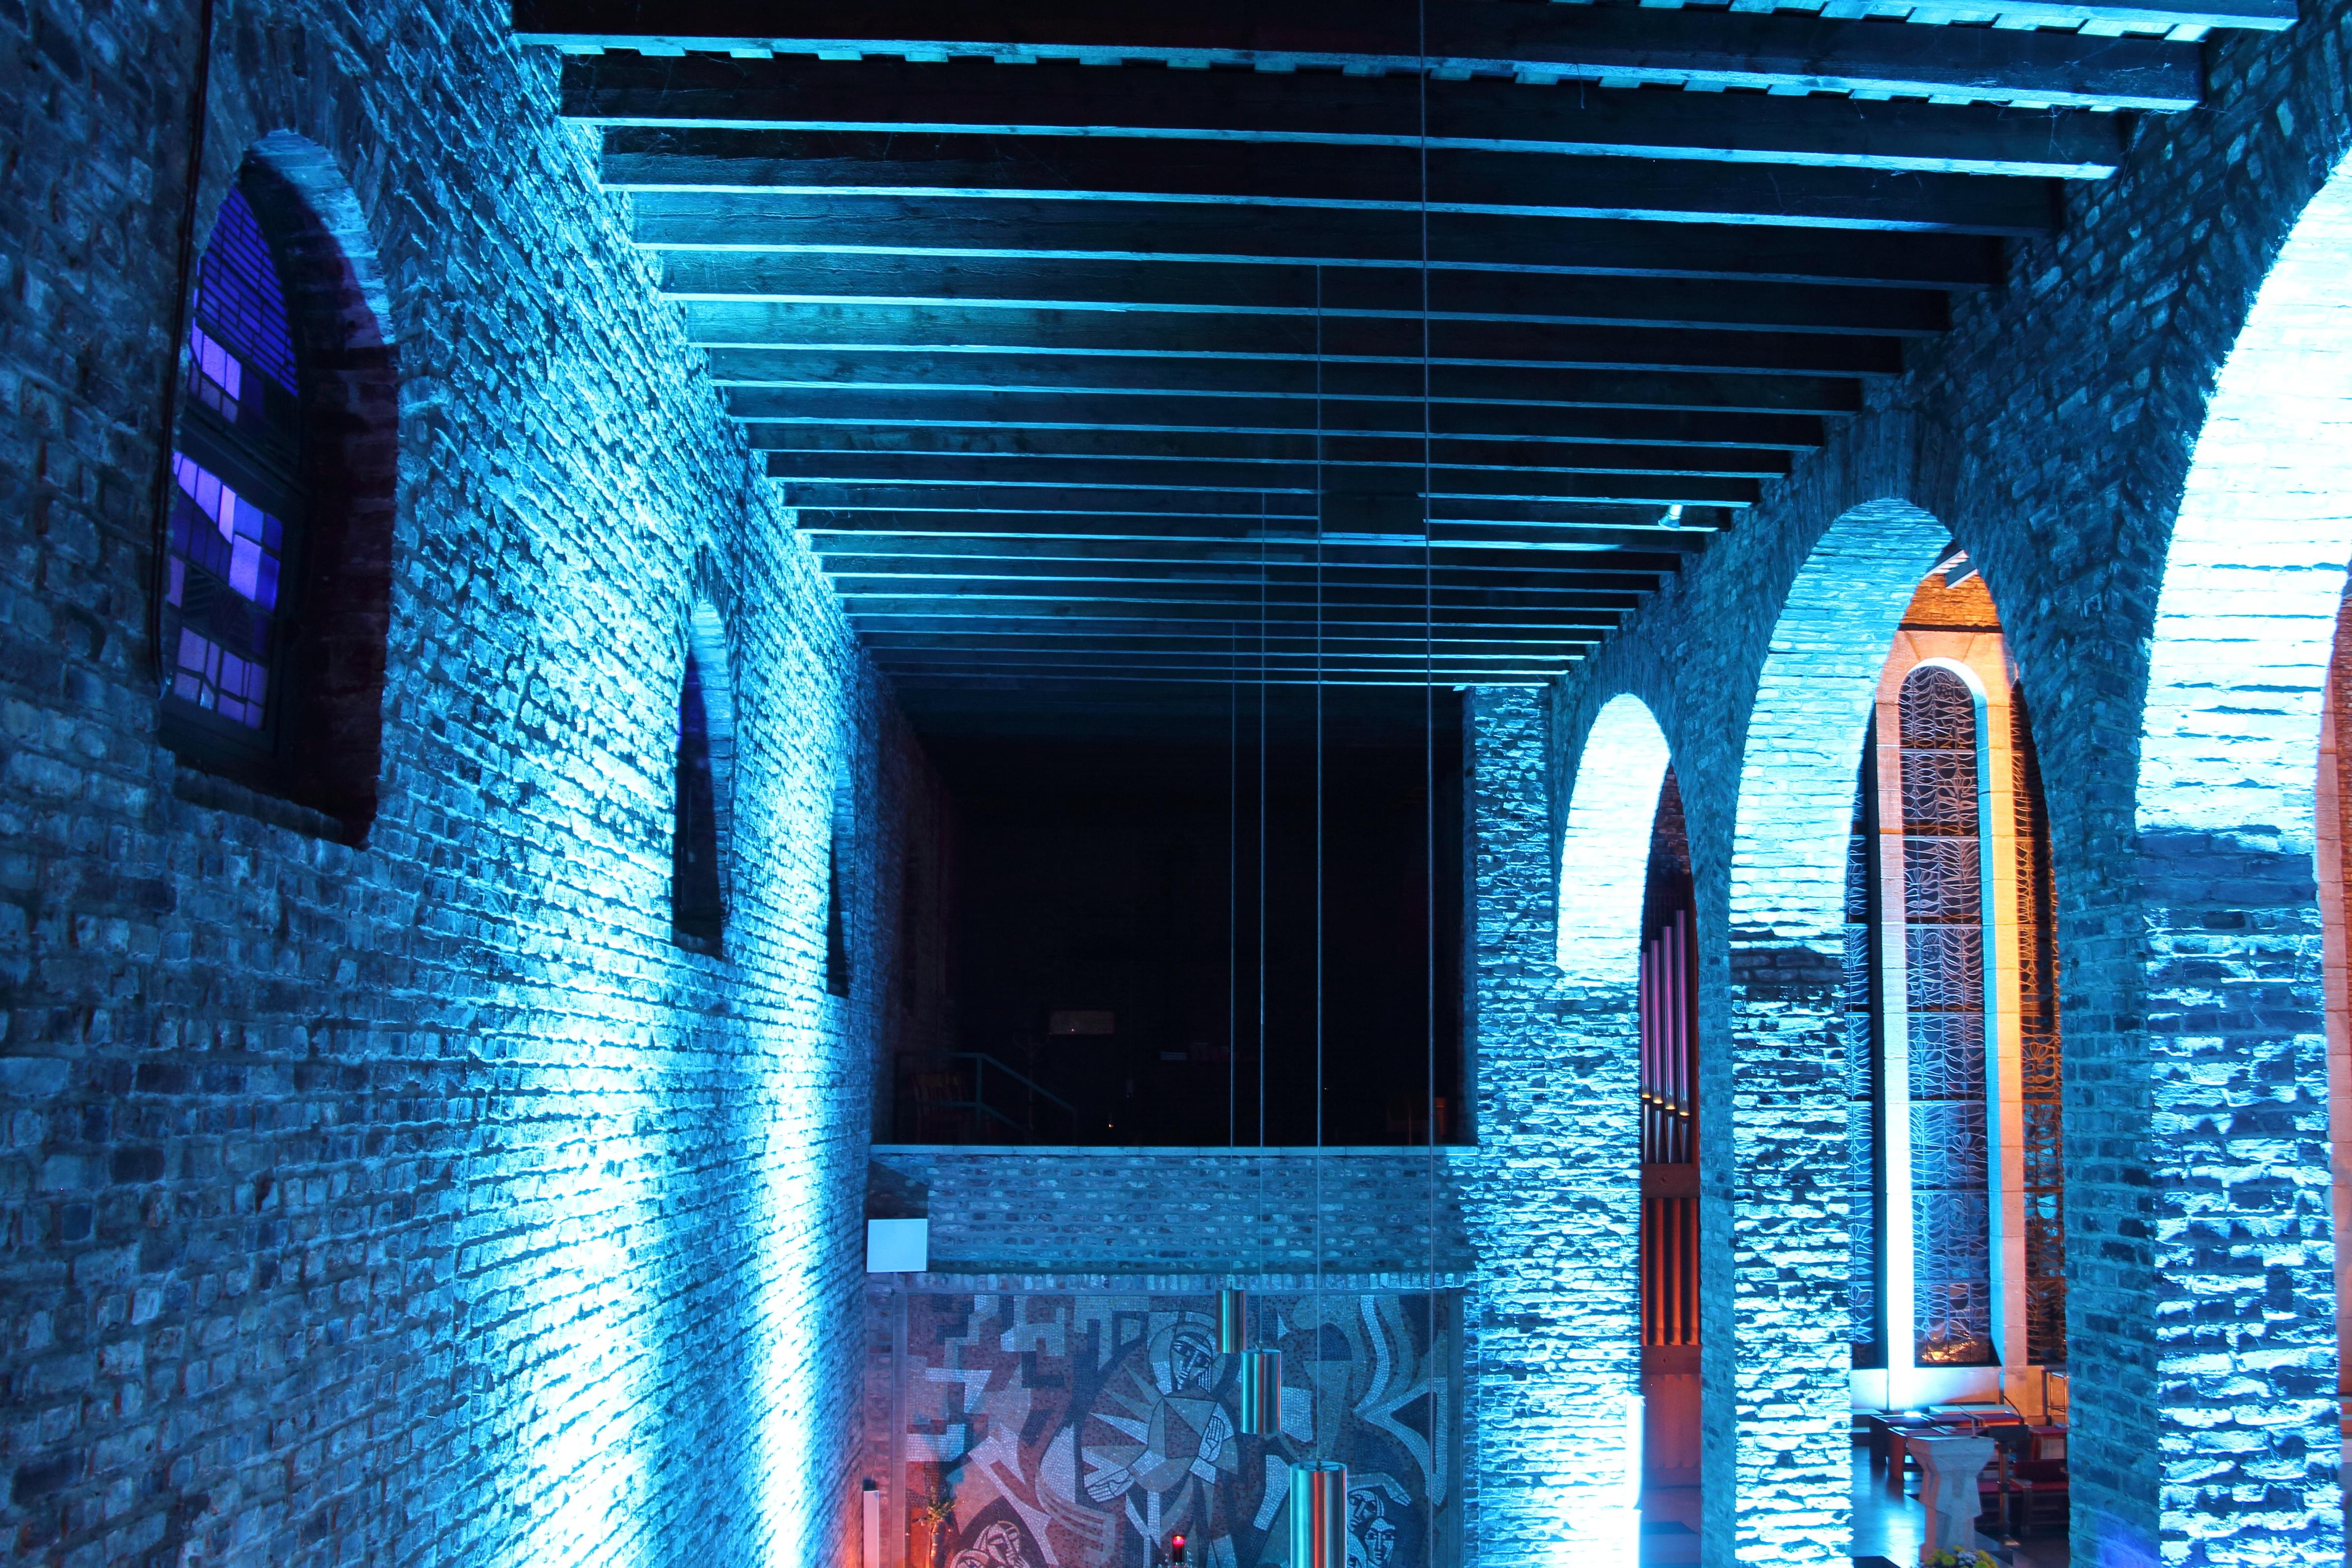 High Quality Licht Die Architektur Struktur Innere Gebäude Wolkenkratzer Bogen Farbe  Fassade Blau Kirche Beleuchtung Decke Innenarchitektur Torbogen